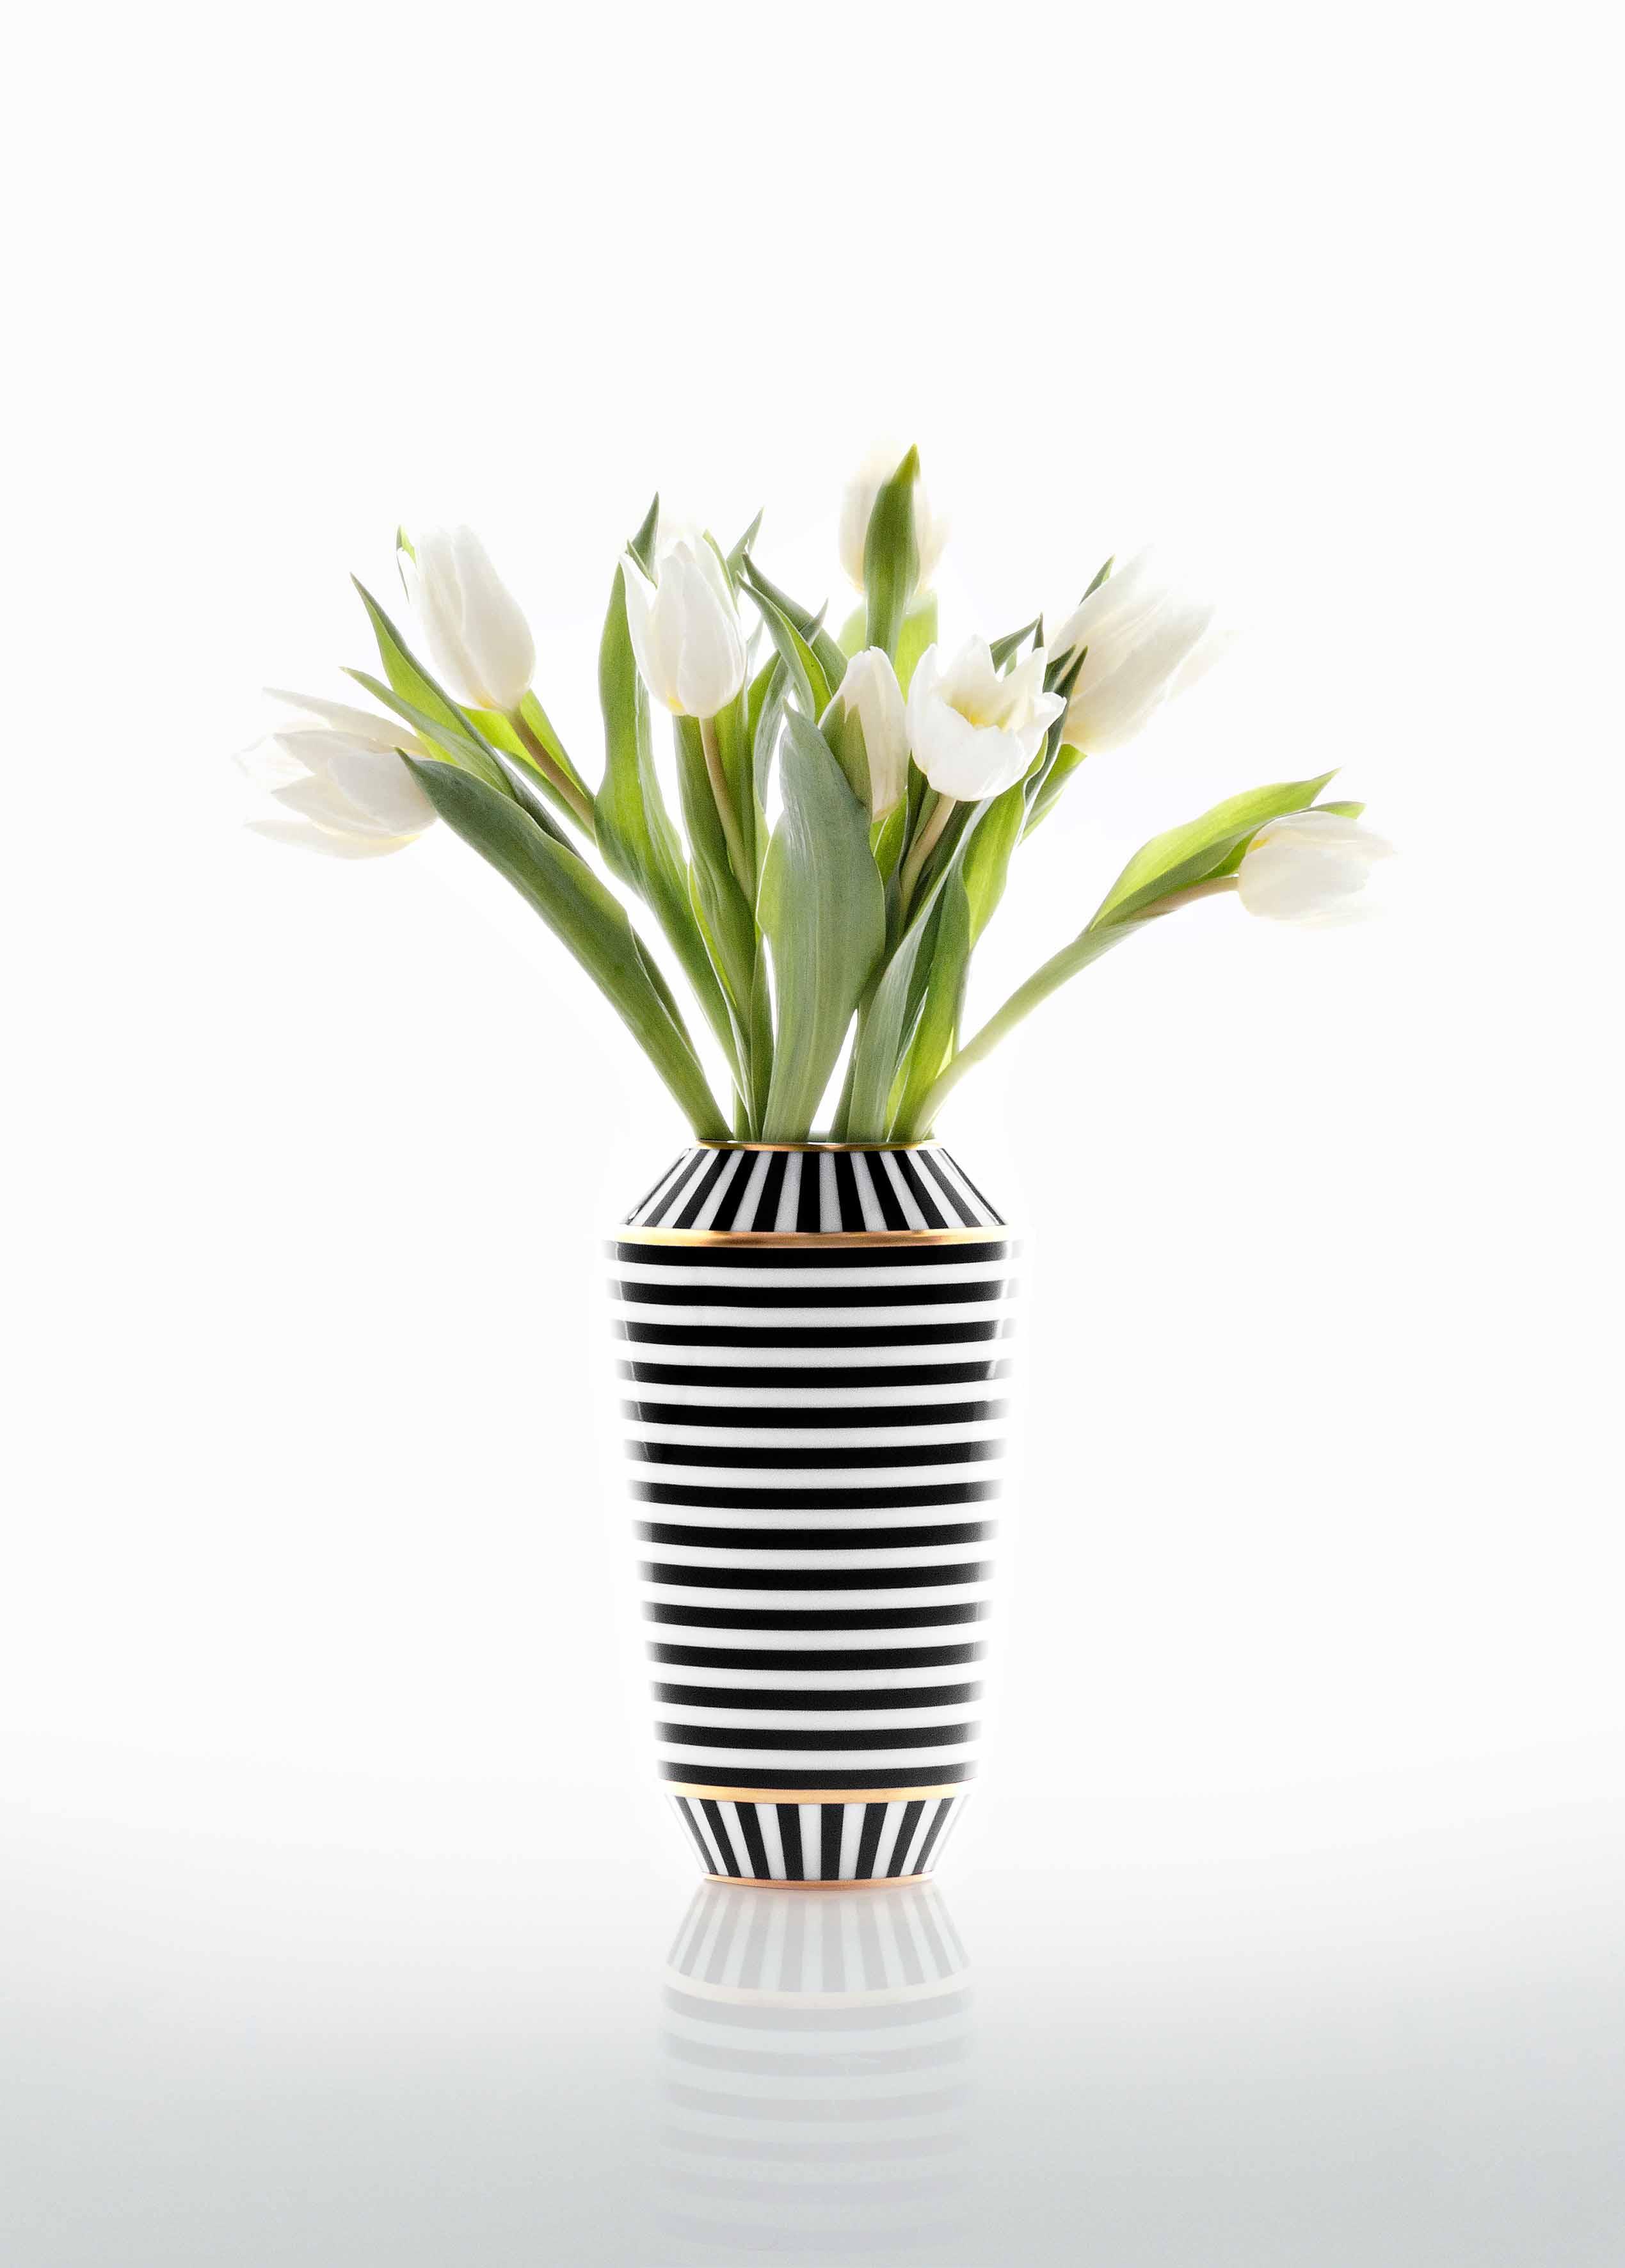 Vase mit schwarz und weiß, gefüllt mit Tulpen